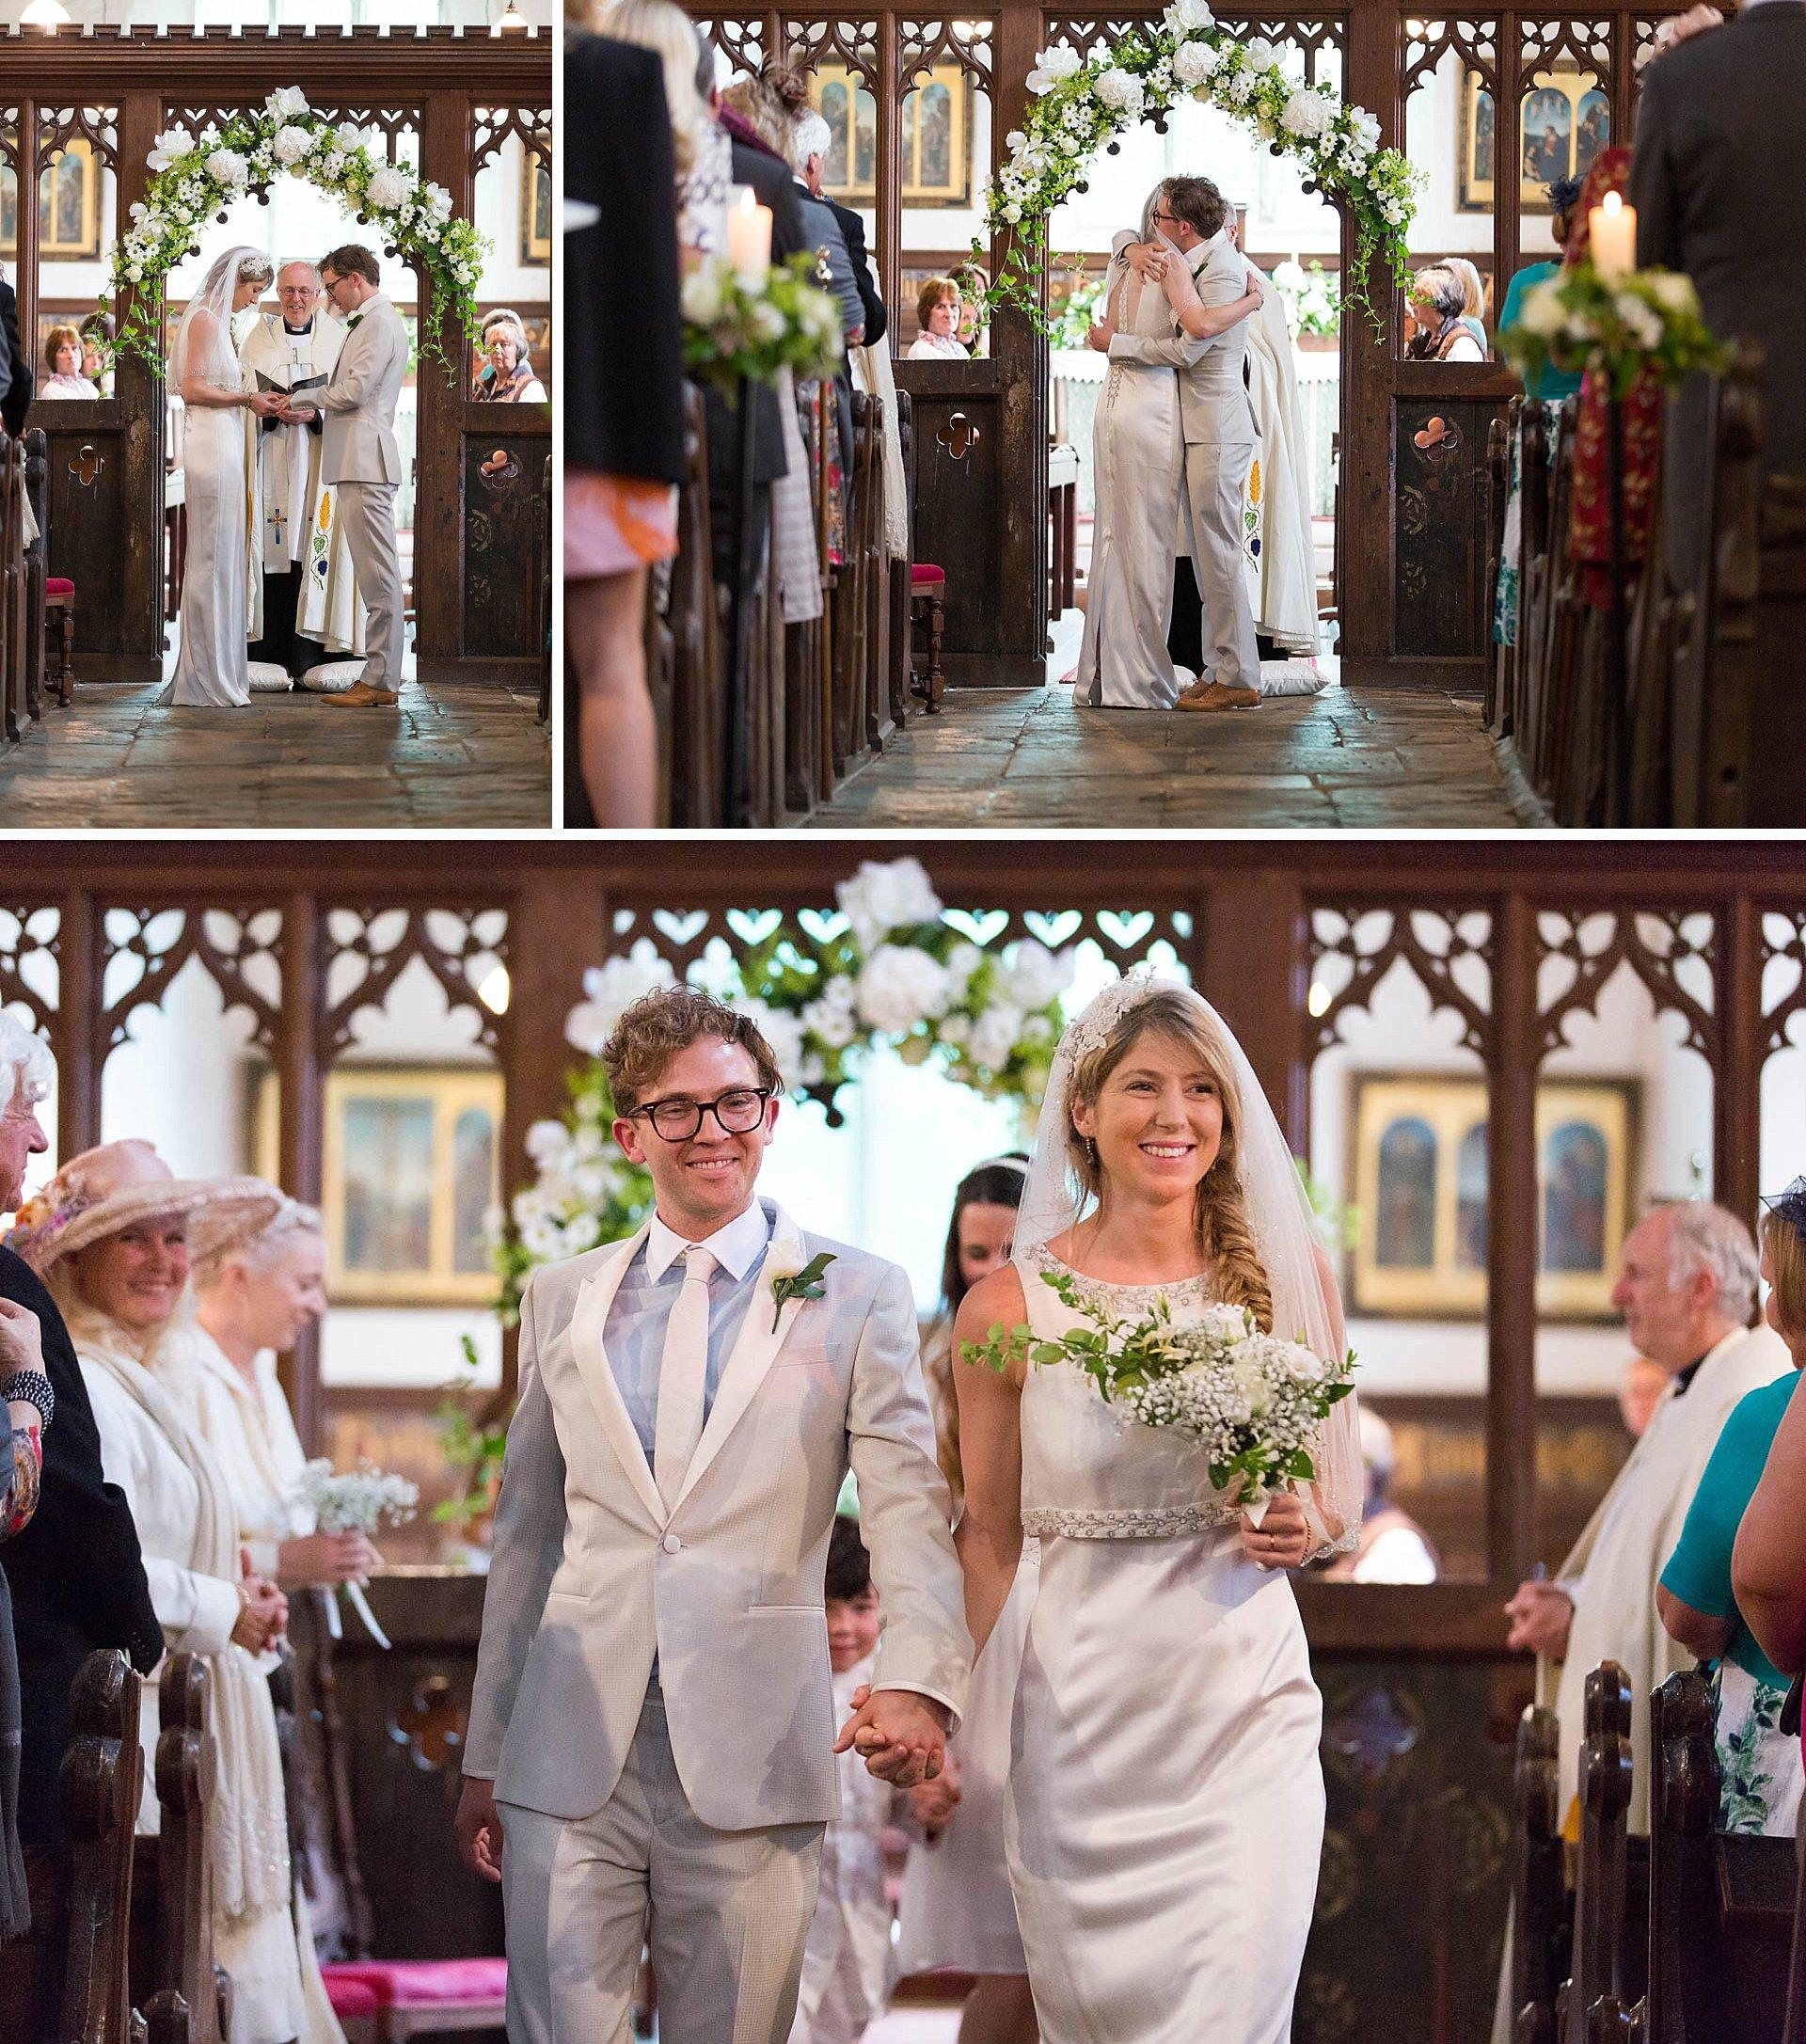 Alicia and Matthew's Poundon House wedding